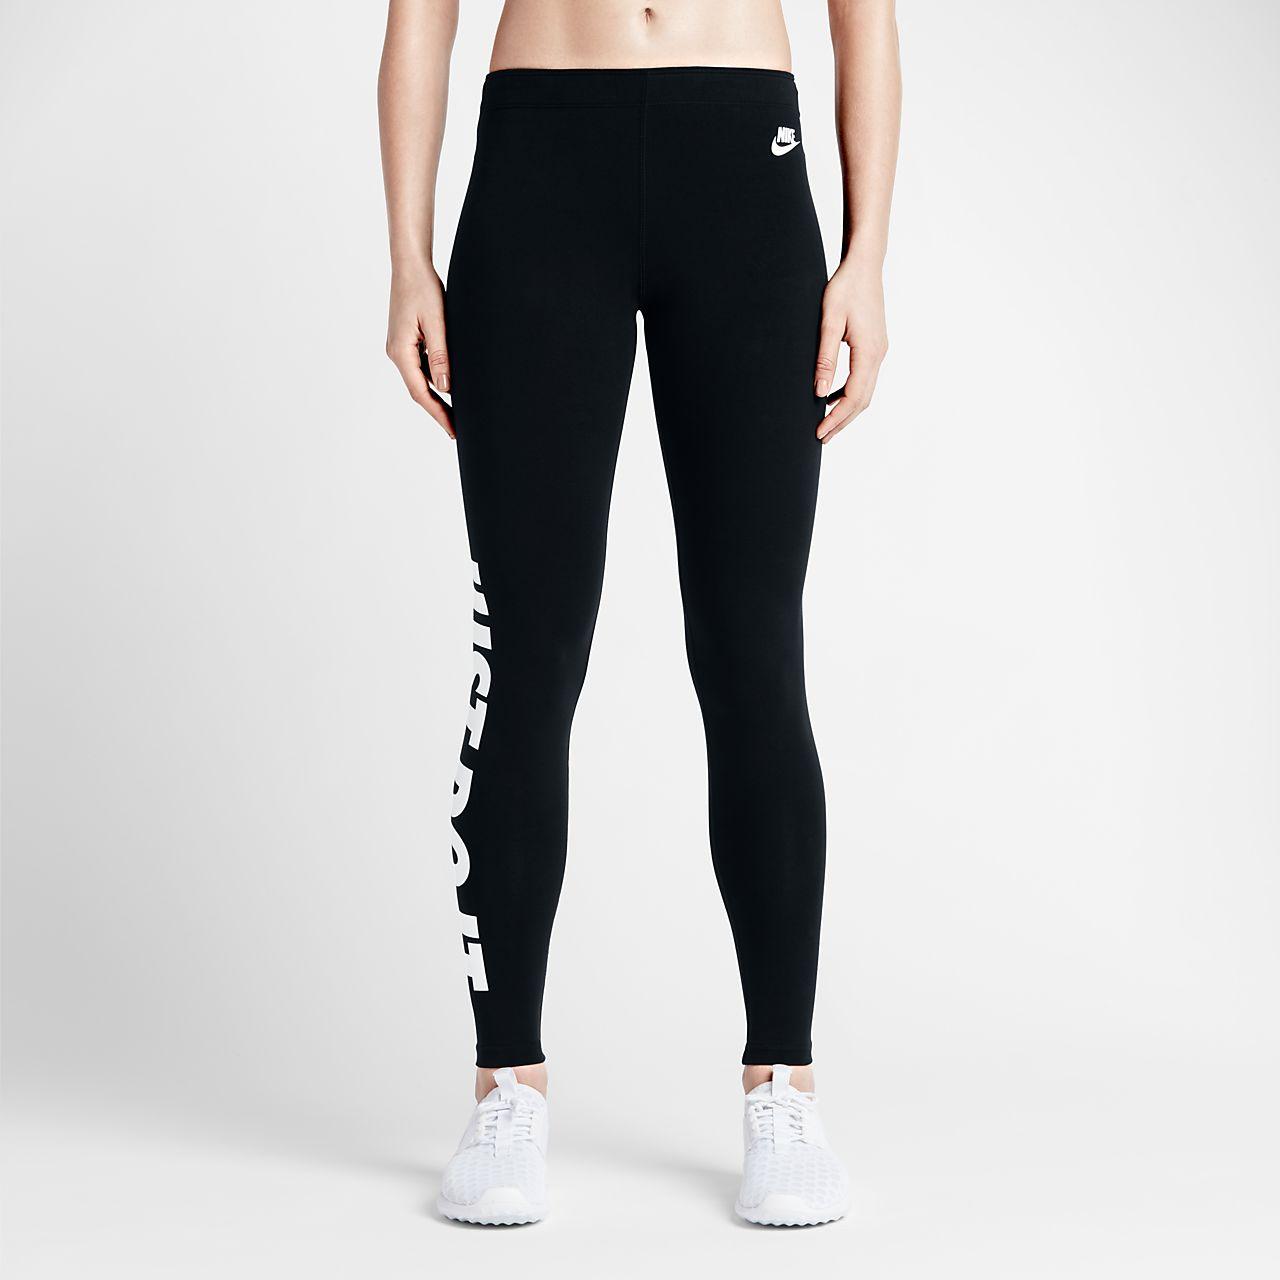 Nike - Nike Sportswear Femme Leggings Noir FtVOJX